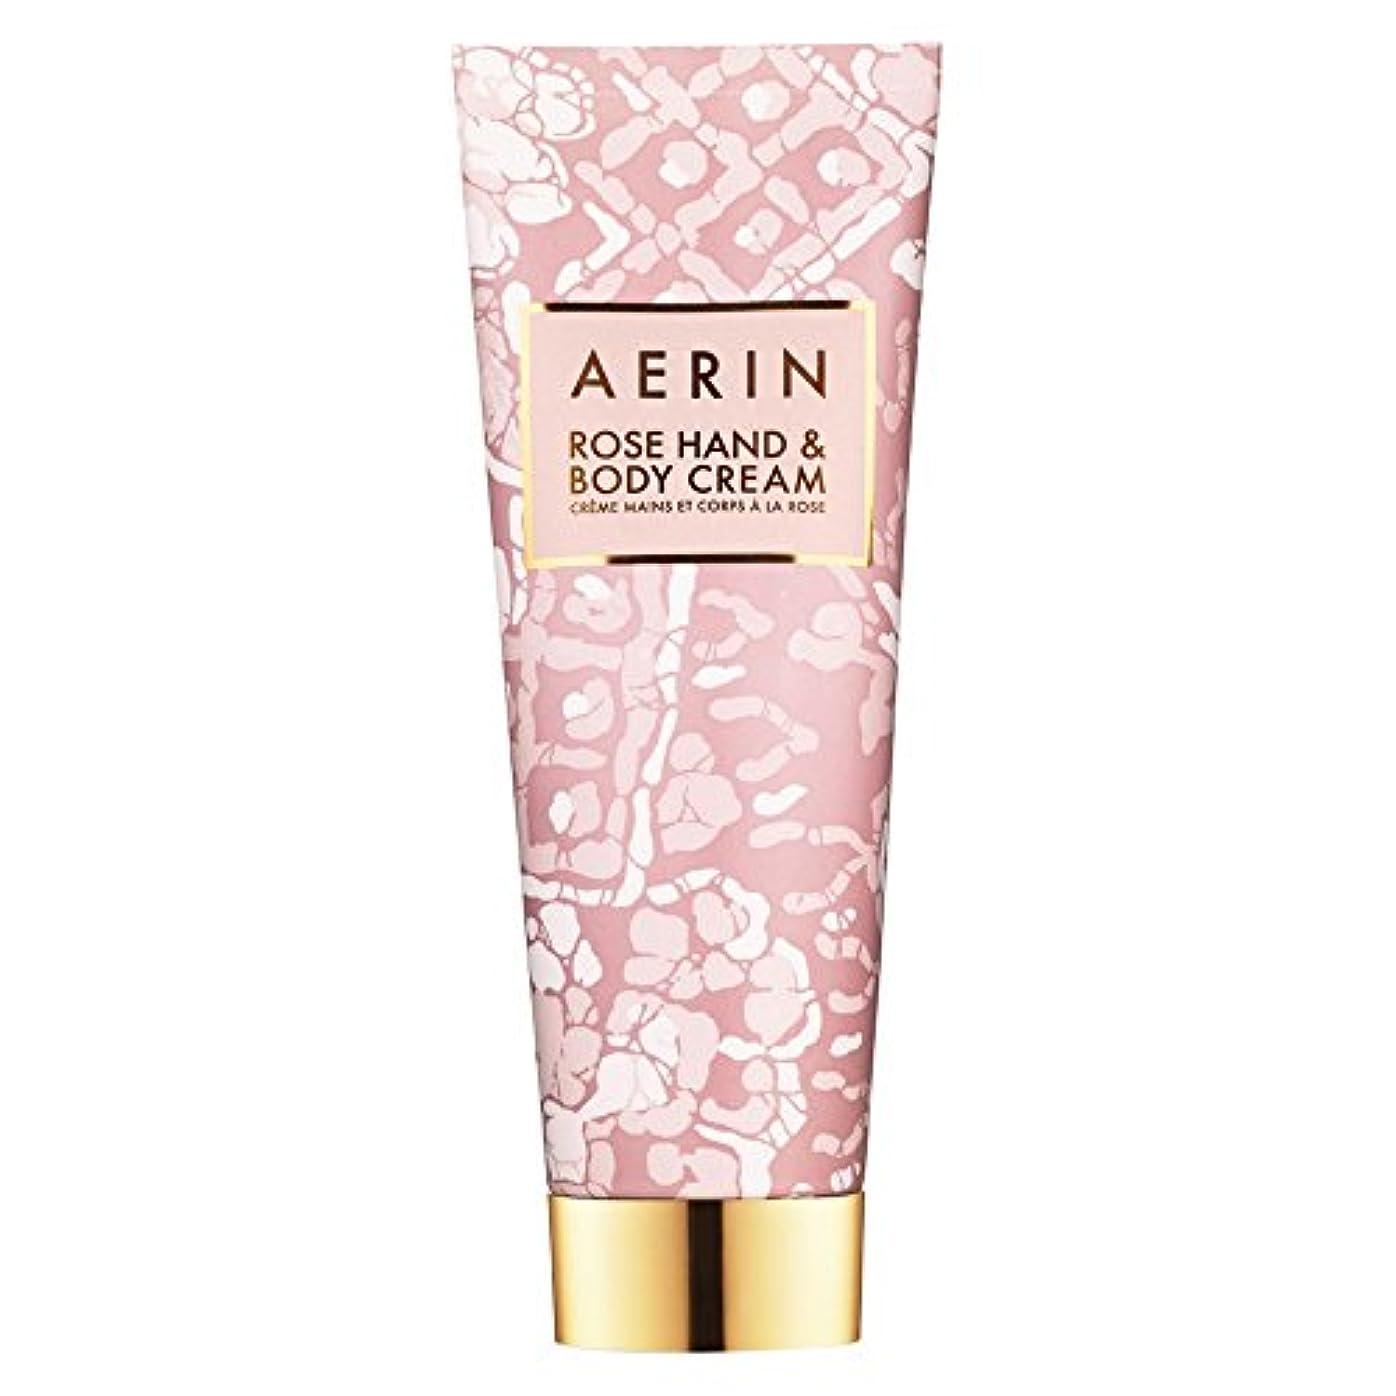 チャップ消える行進Aerinはハンド&ボディクリーム125ミリリットルをバラ (AERIN) - AERIN Rose Hand & Body Cream 125ml [並行輸入品]